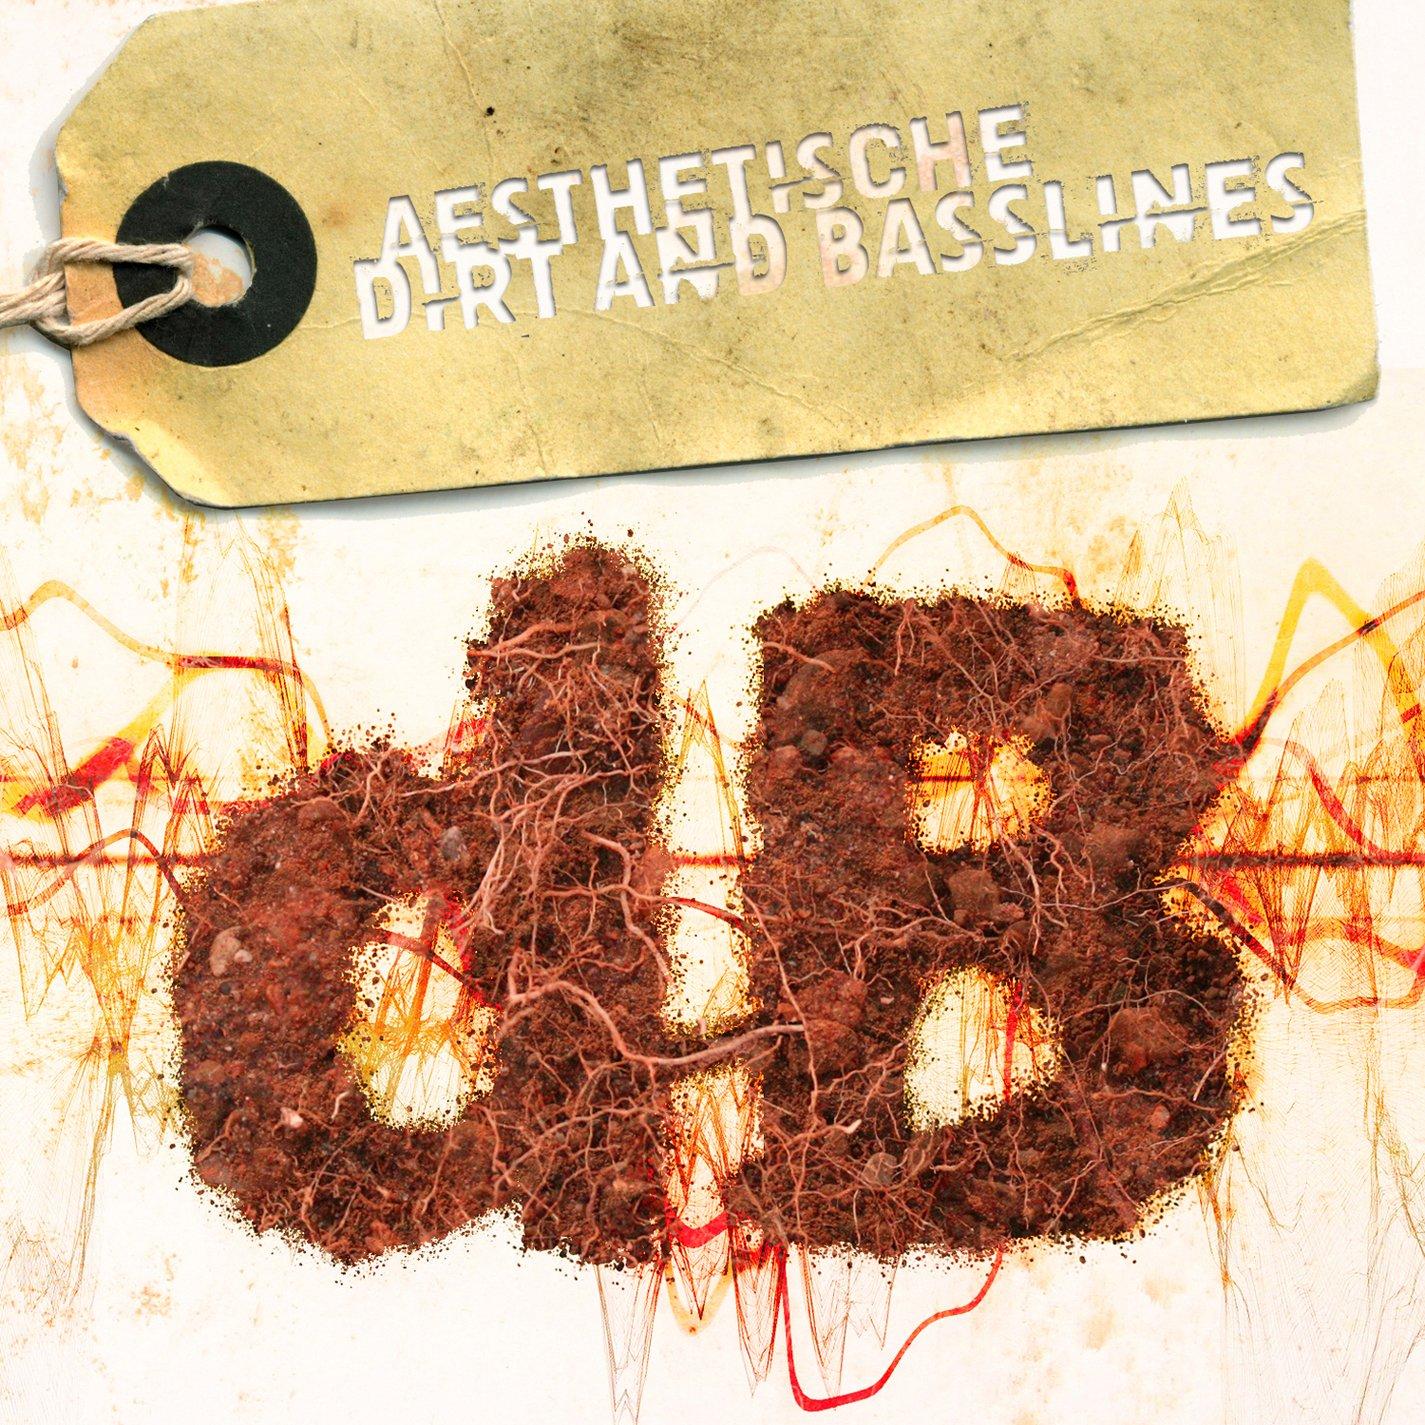 CD : Aesthetische - Dirt & Basslines (CD)